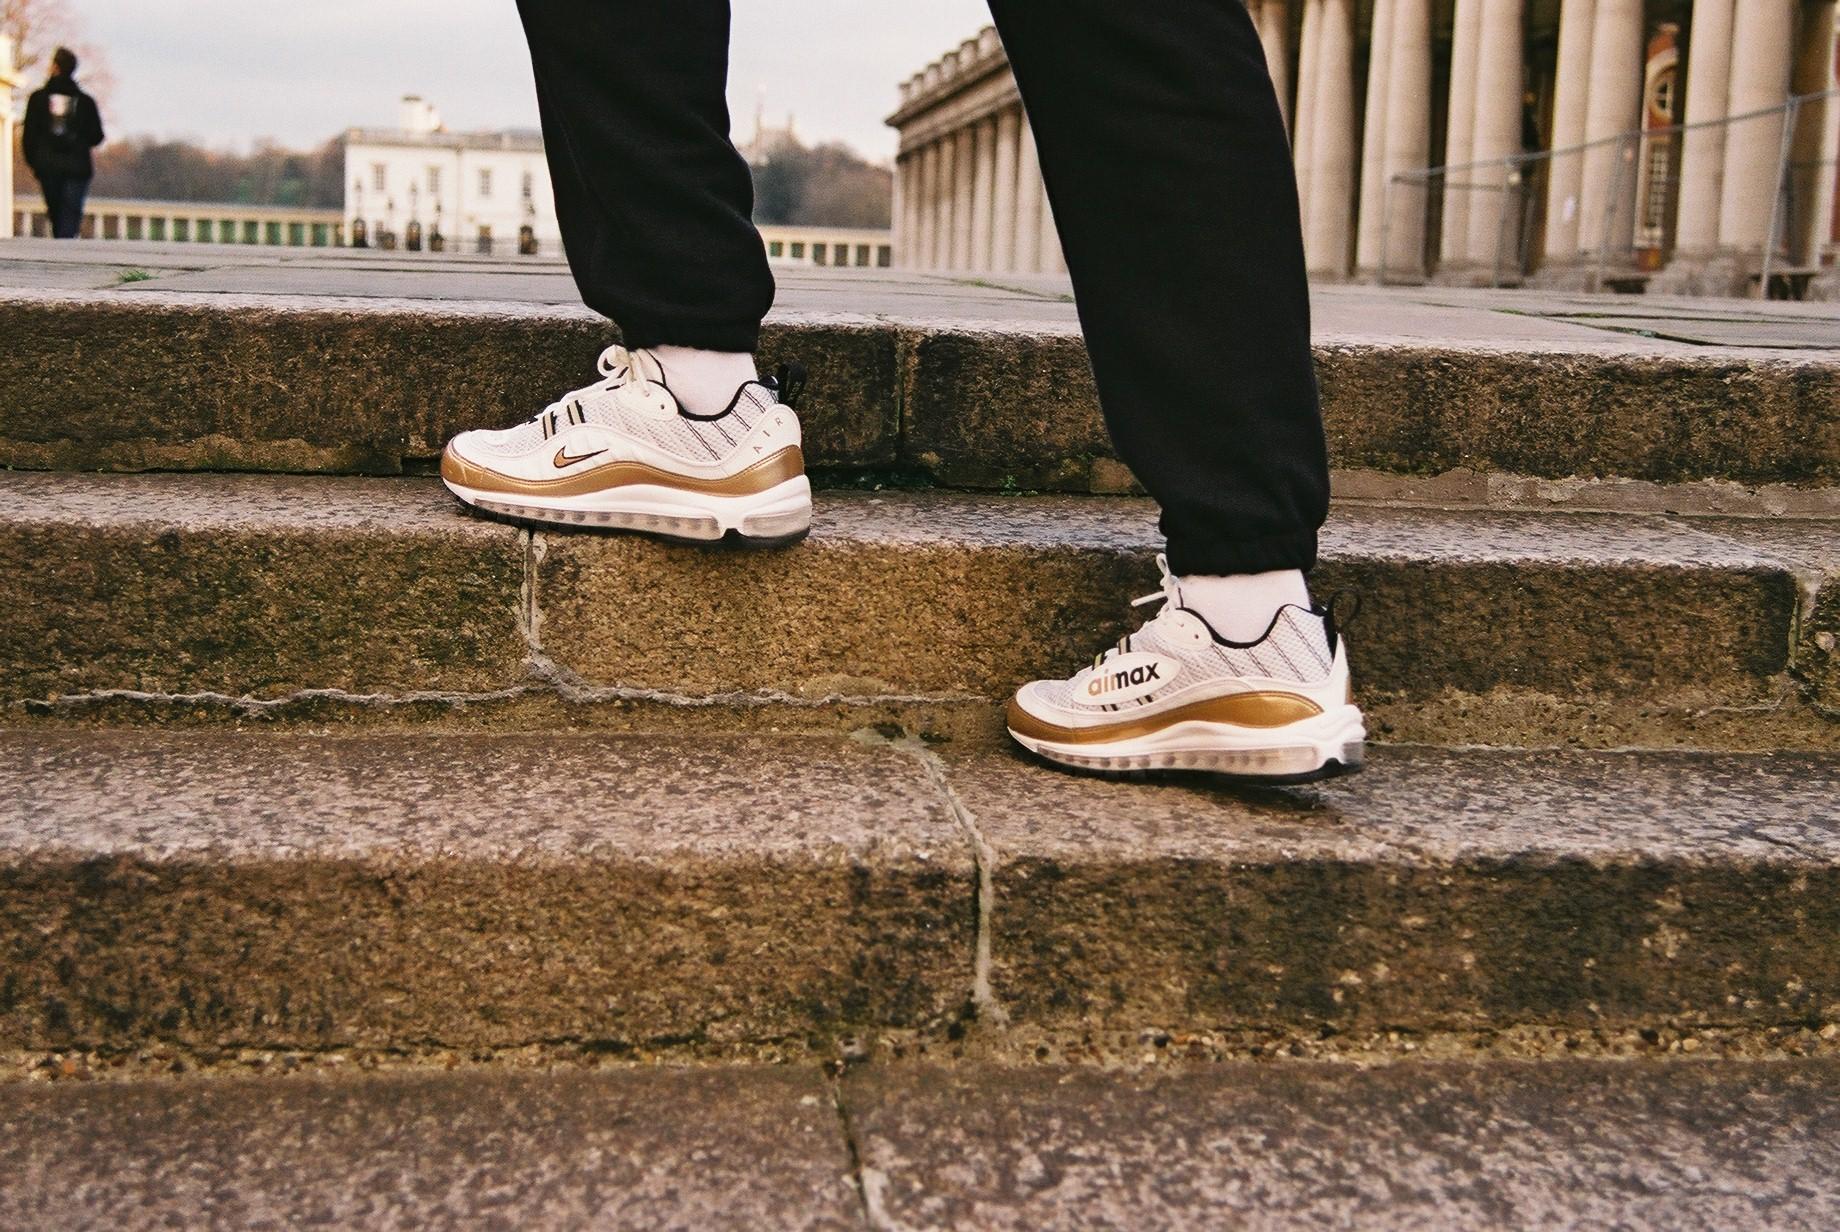 Nike Air Zoom Spiridon & Air Max 98 'GMT' Pack